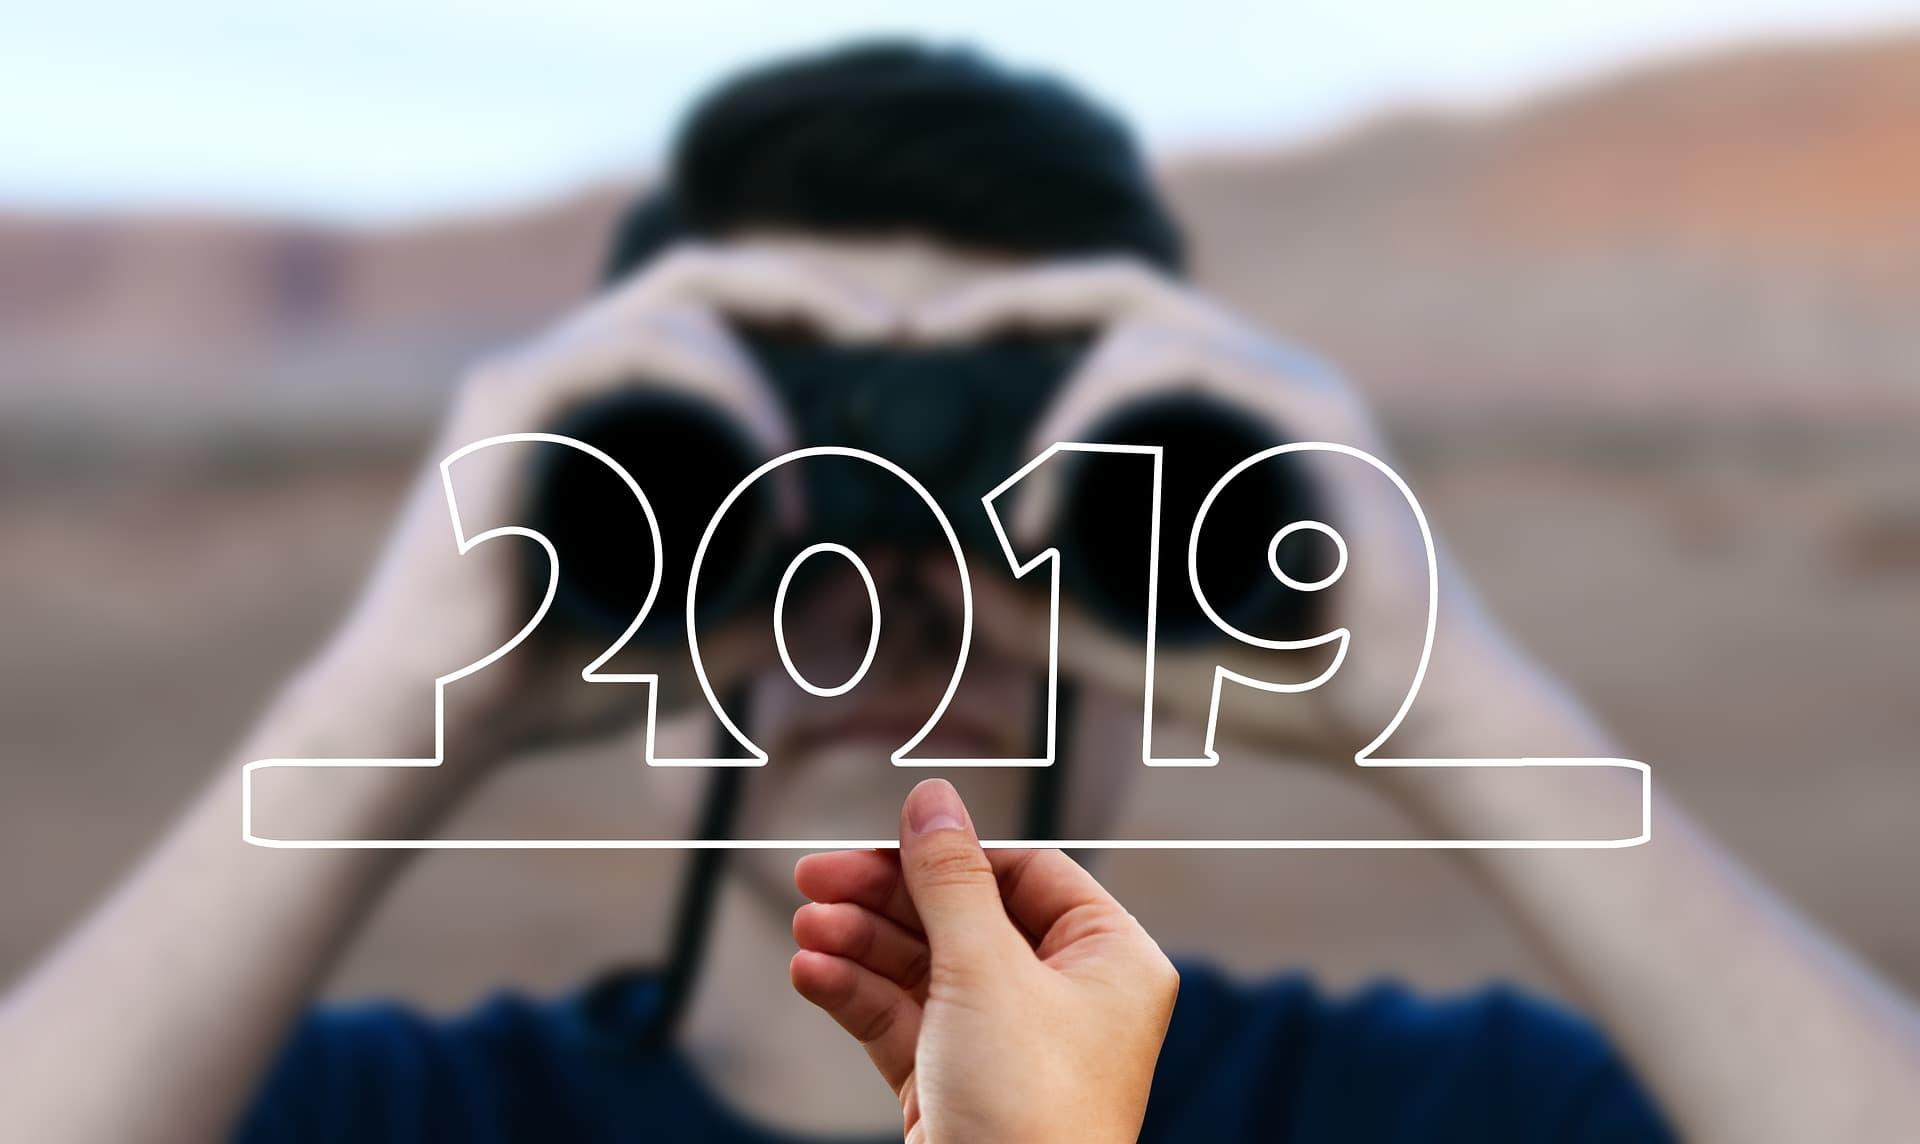 tendencias 2019 en los ámbitos económico, político y tecnológico